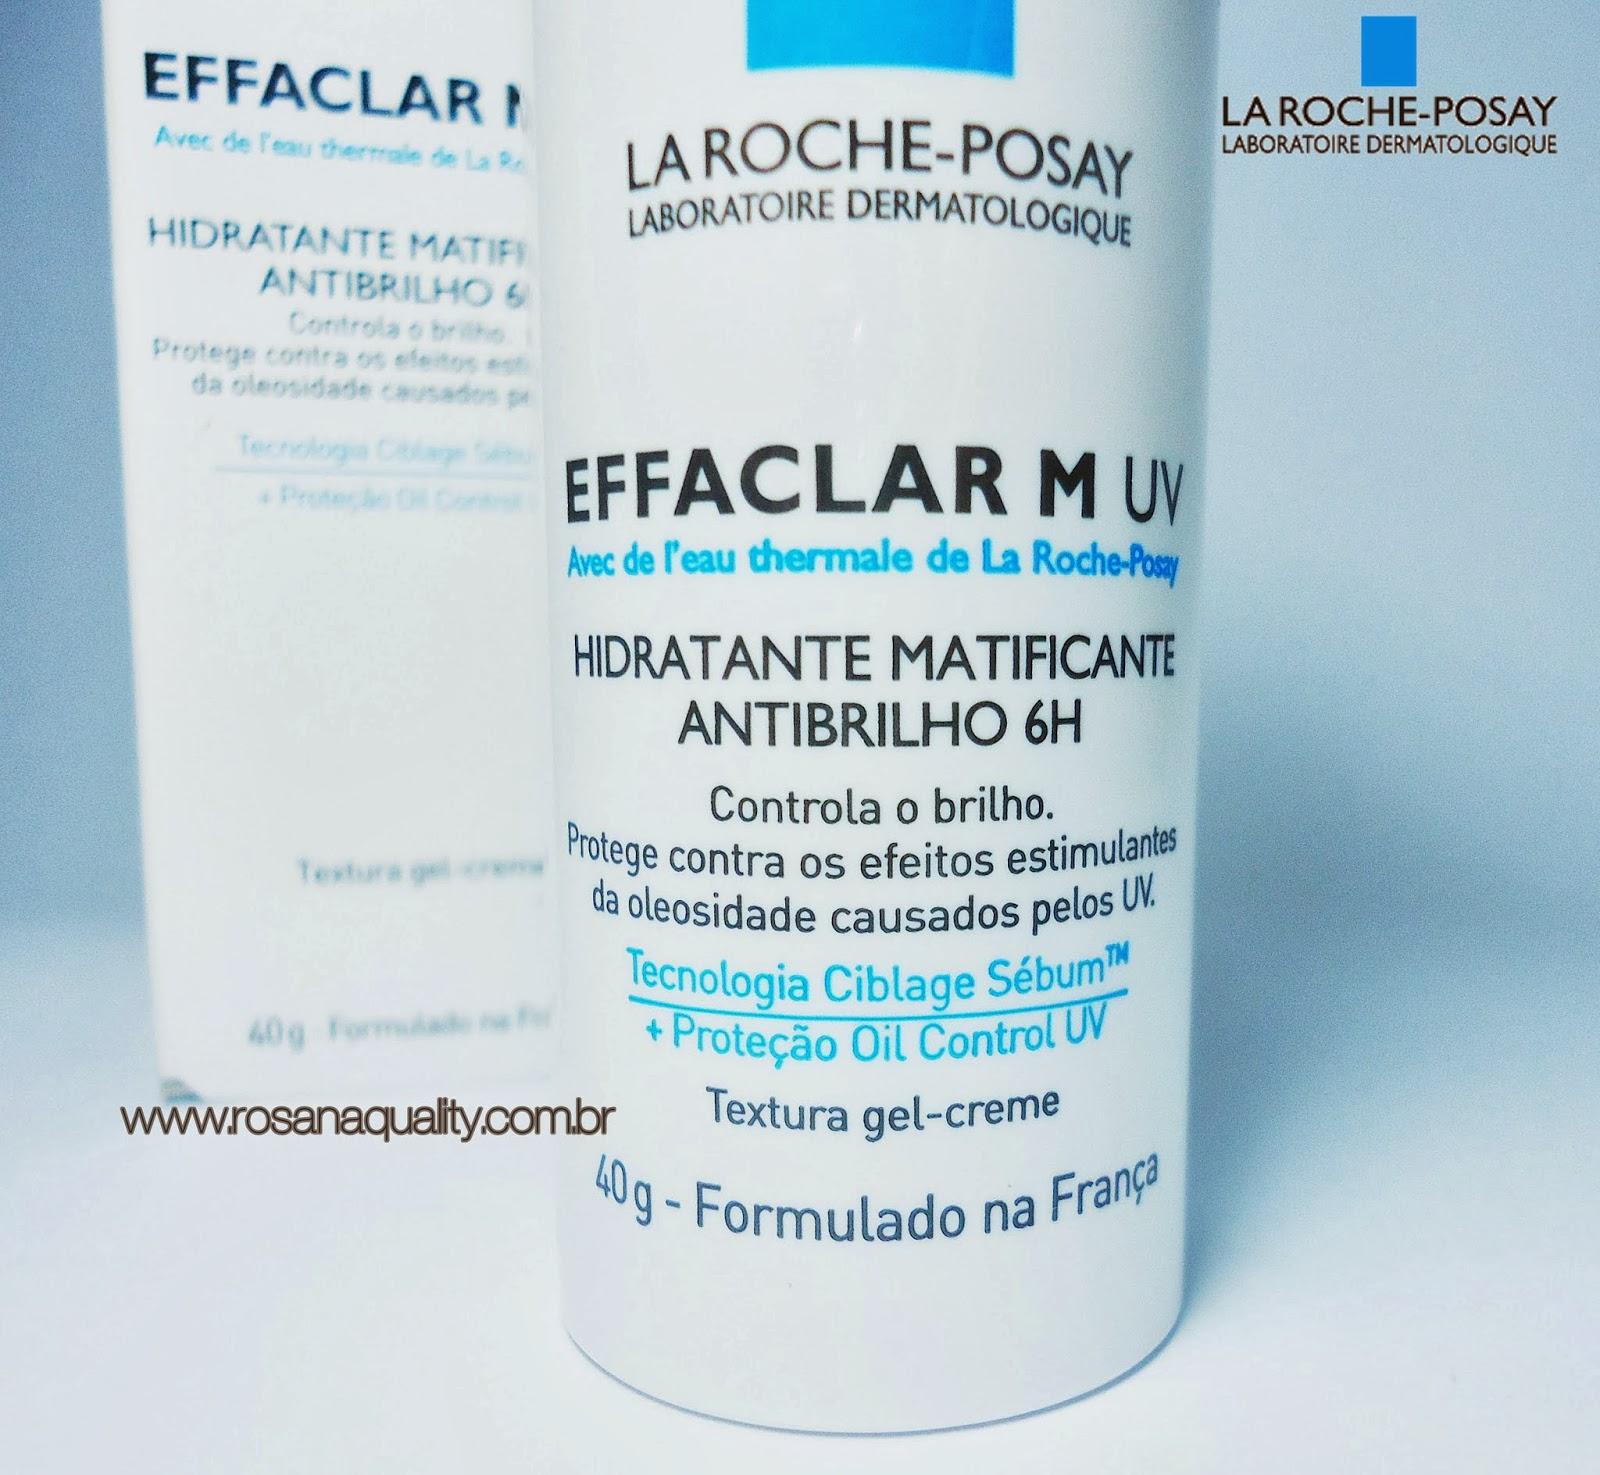 Hidratante Matificante Antibrilho La Roche Posay